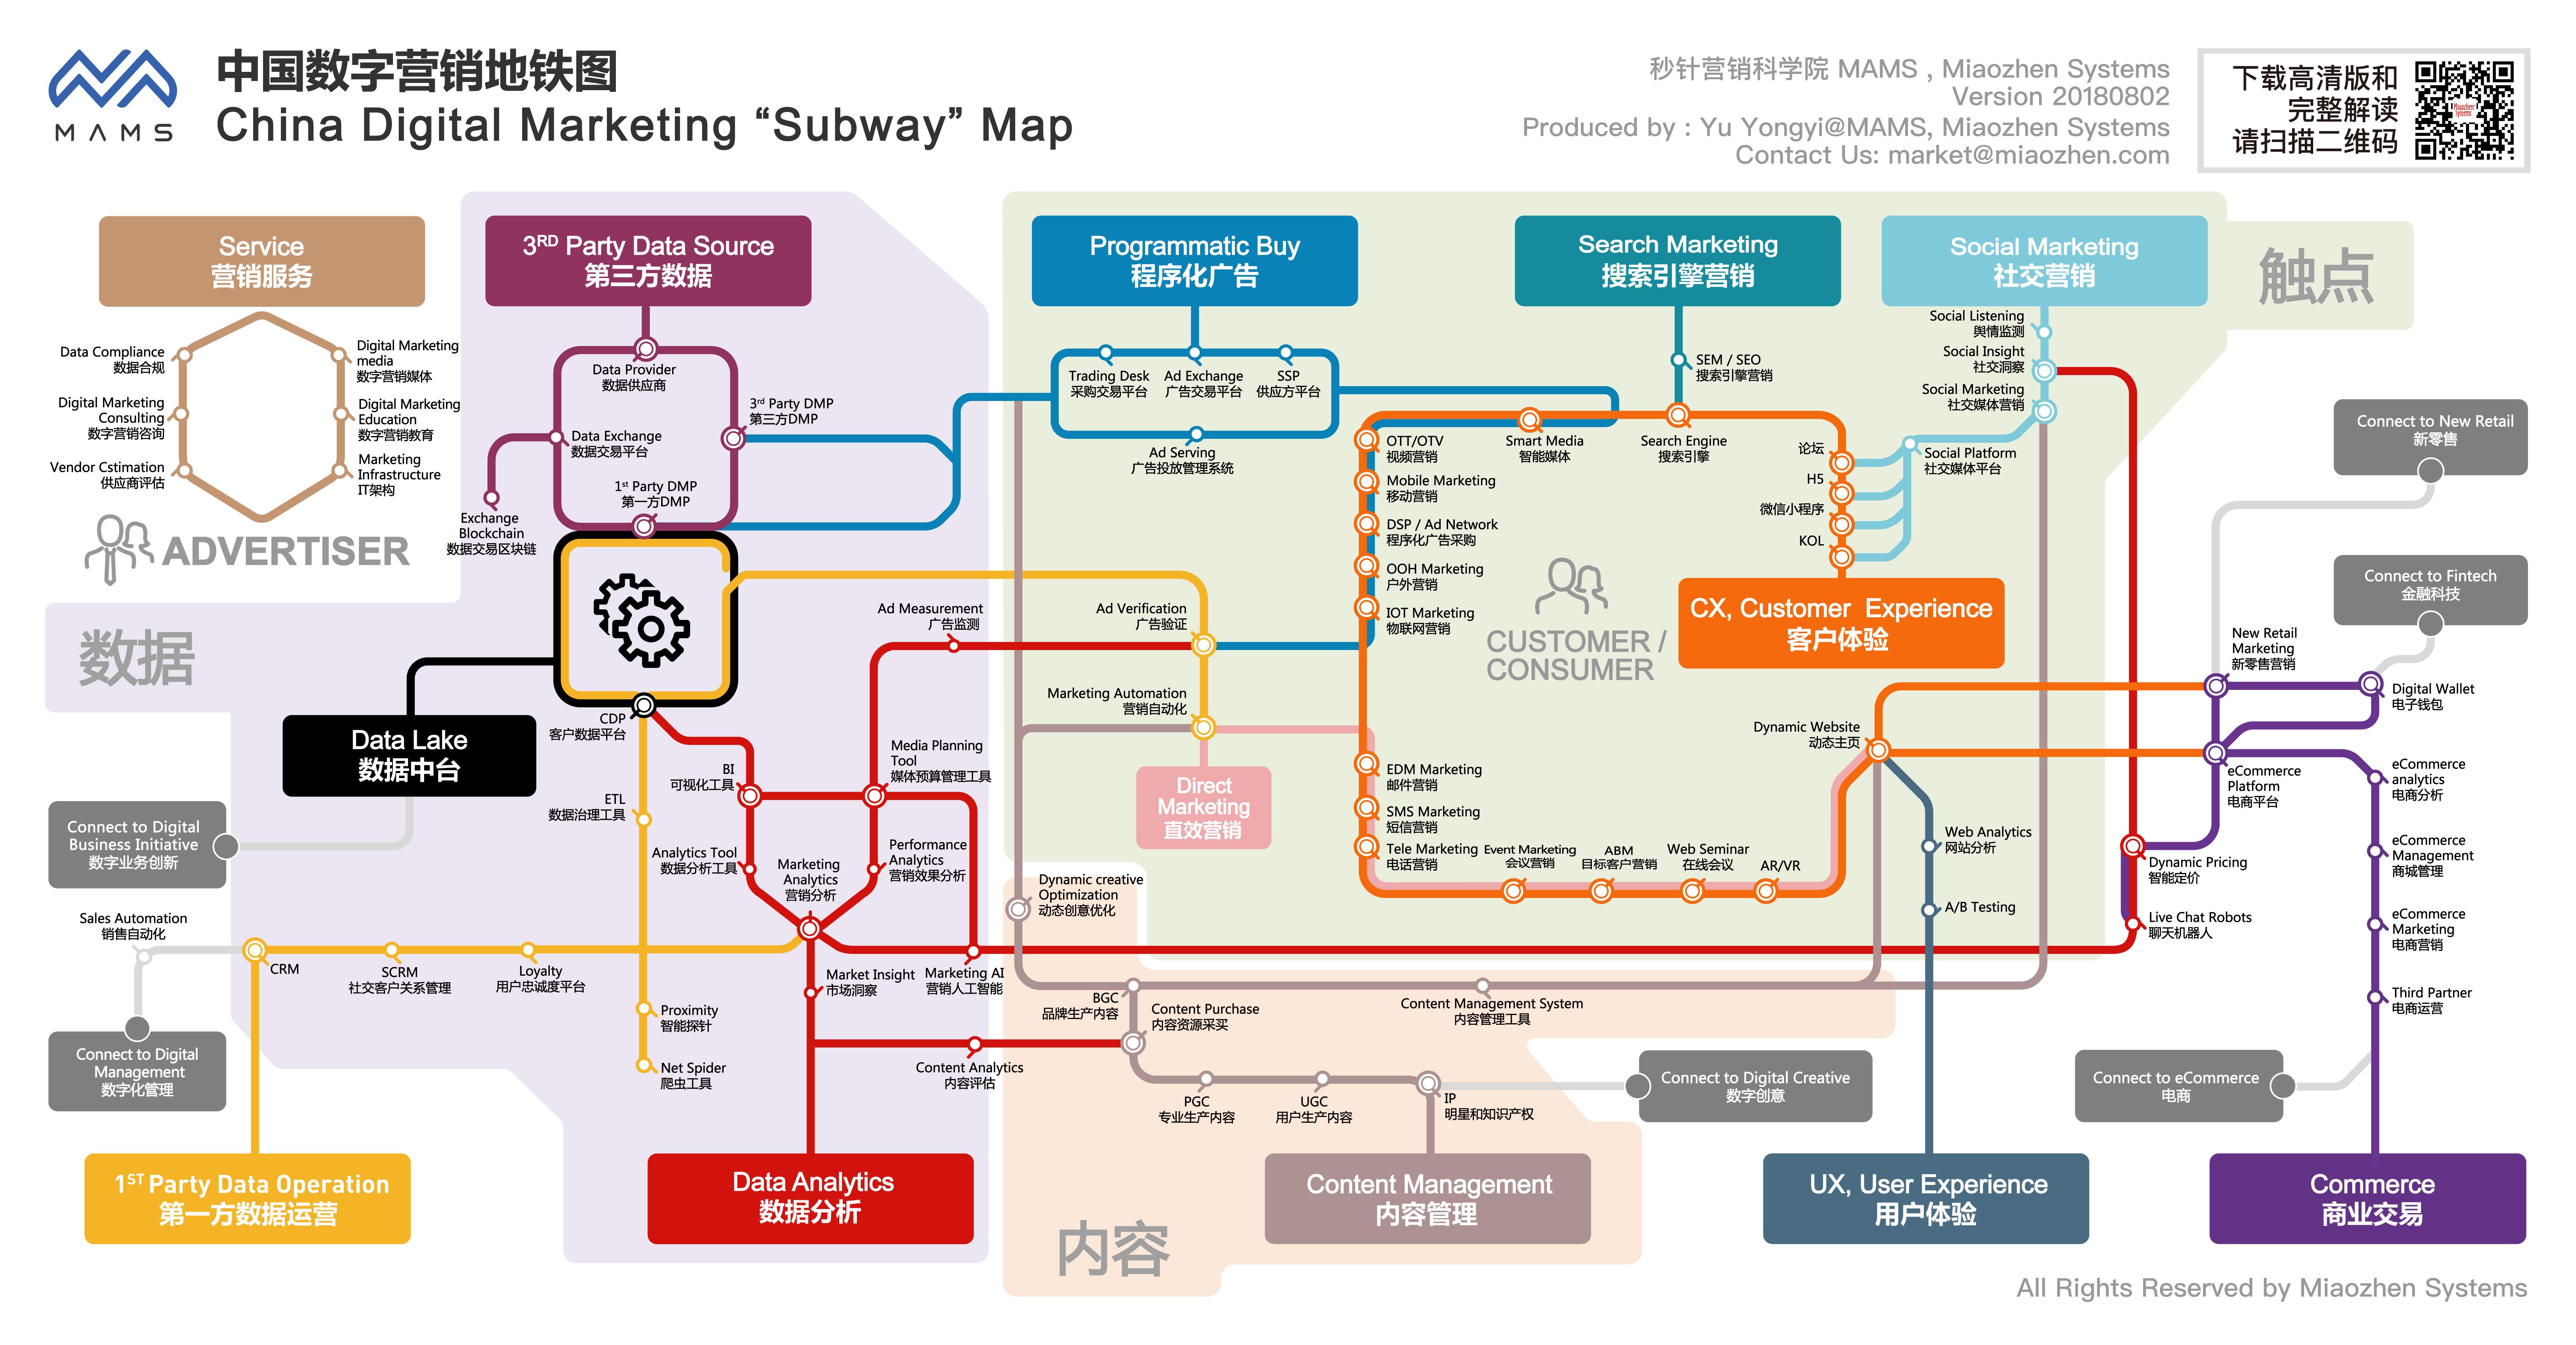 """""""中国数字营销地铁图""""发布!为你呈现最前沿的营销生态体系"""